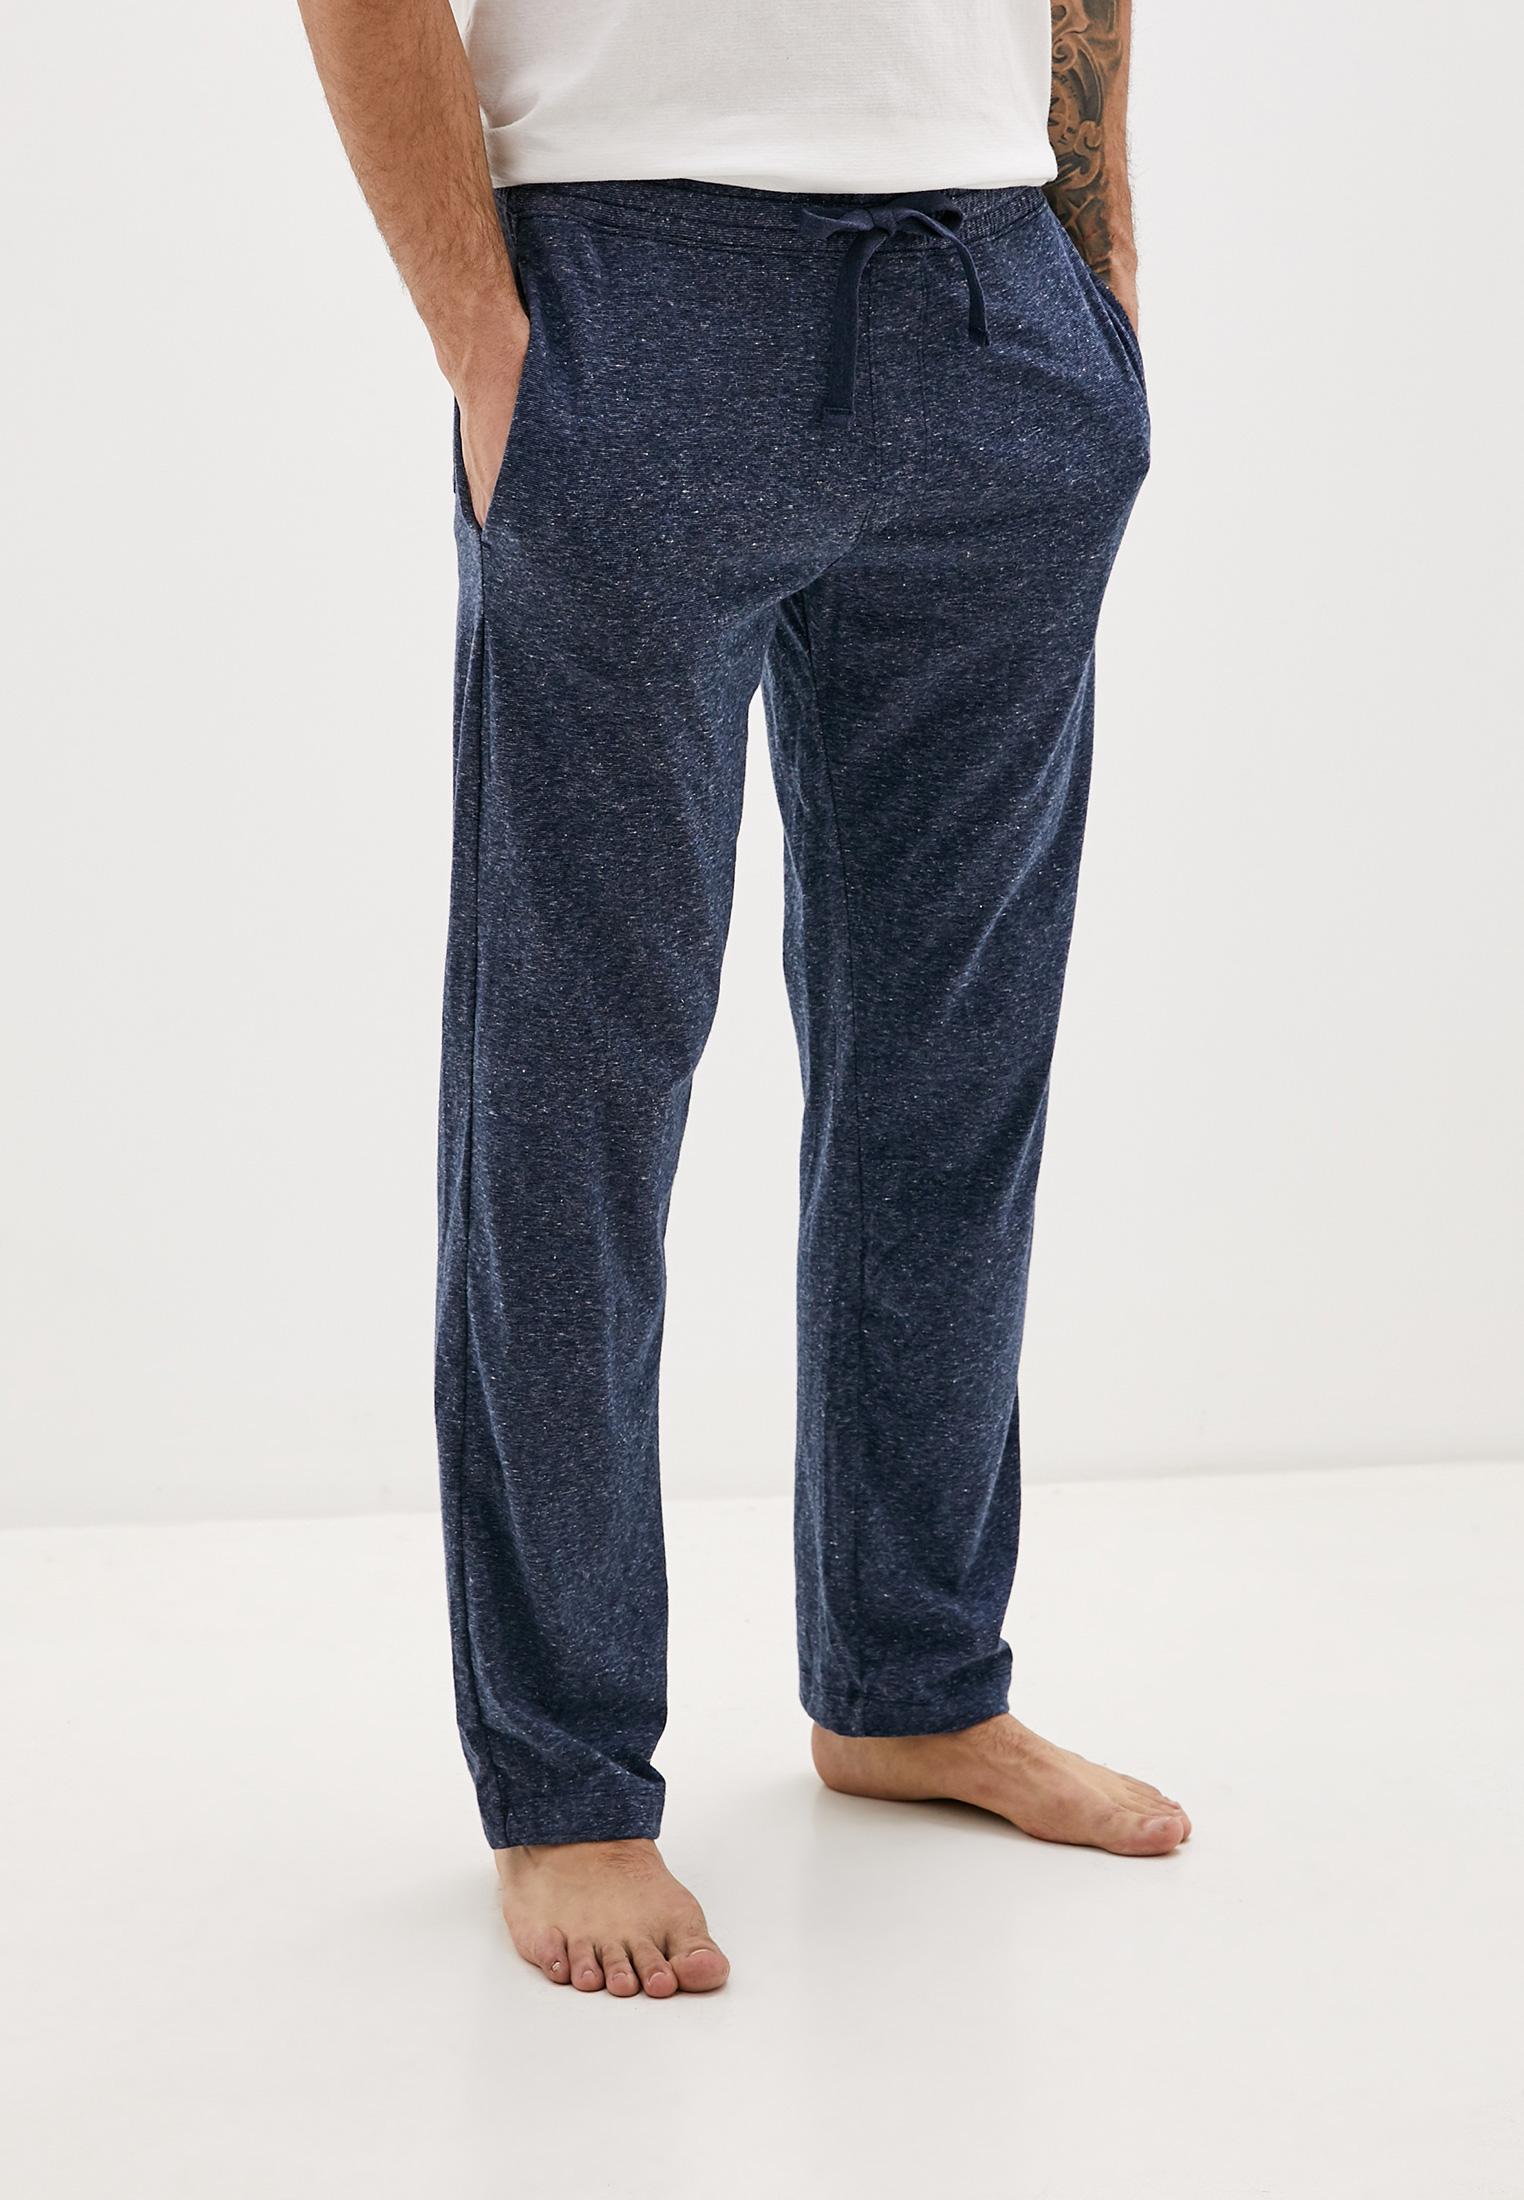 Мужские домашние брюки Gap 440208